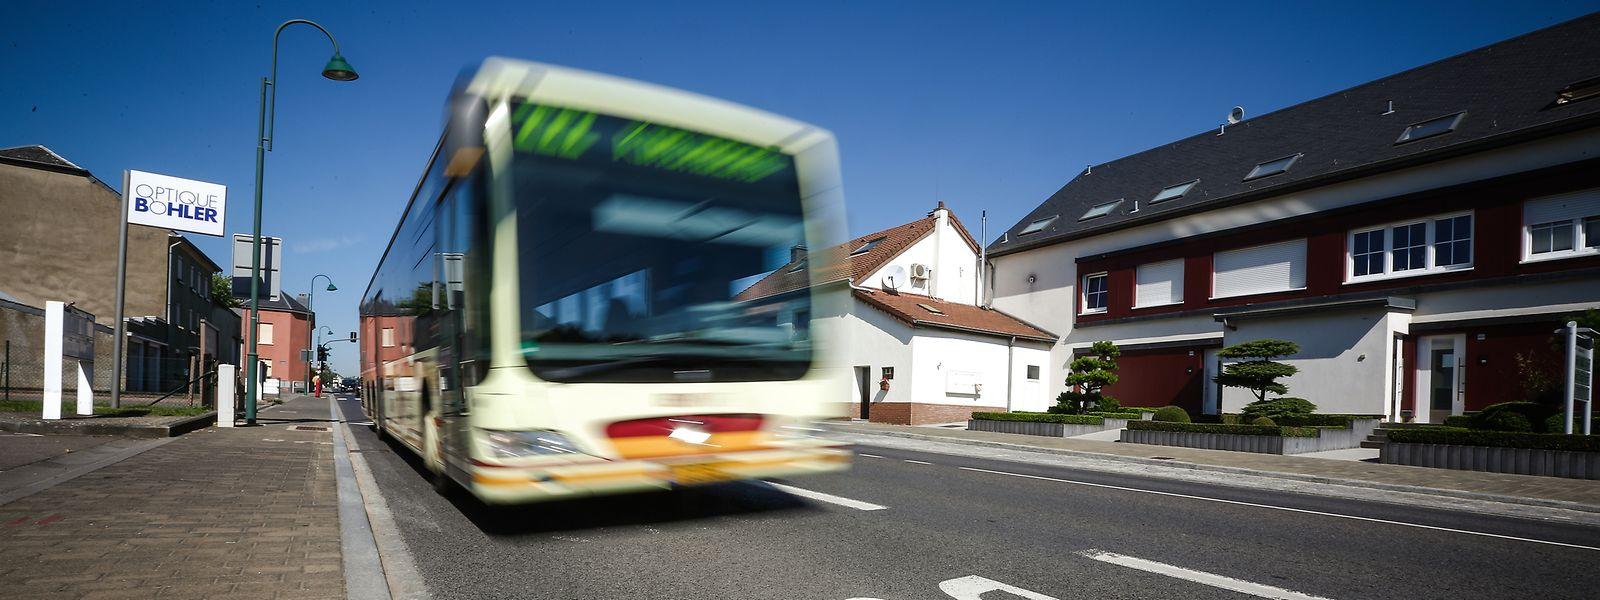 Nach der Reorganisation des RTGR werden laut Mobilitätsministerium 99,2 Prozent der Bevölkerung in regelmäßigem Takt mit regionalen Bussen bedient und das an sieben Tagen die Woche.